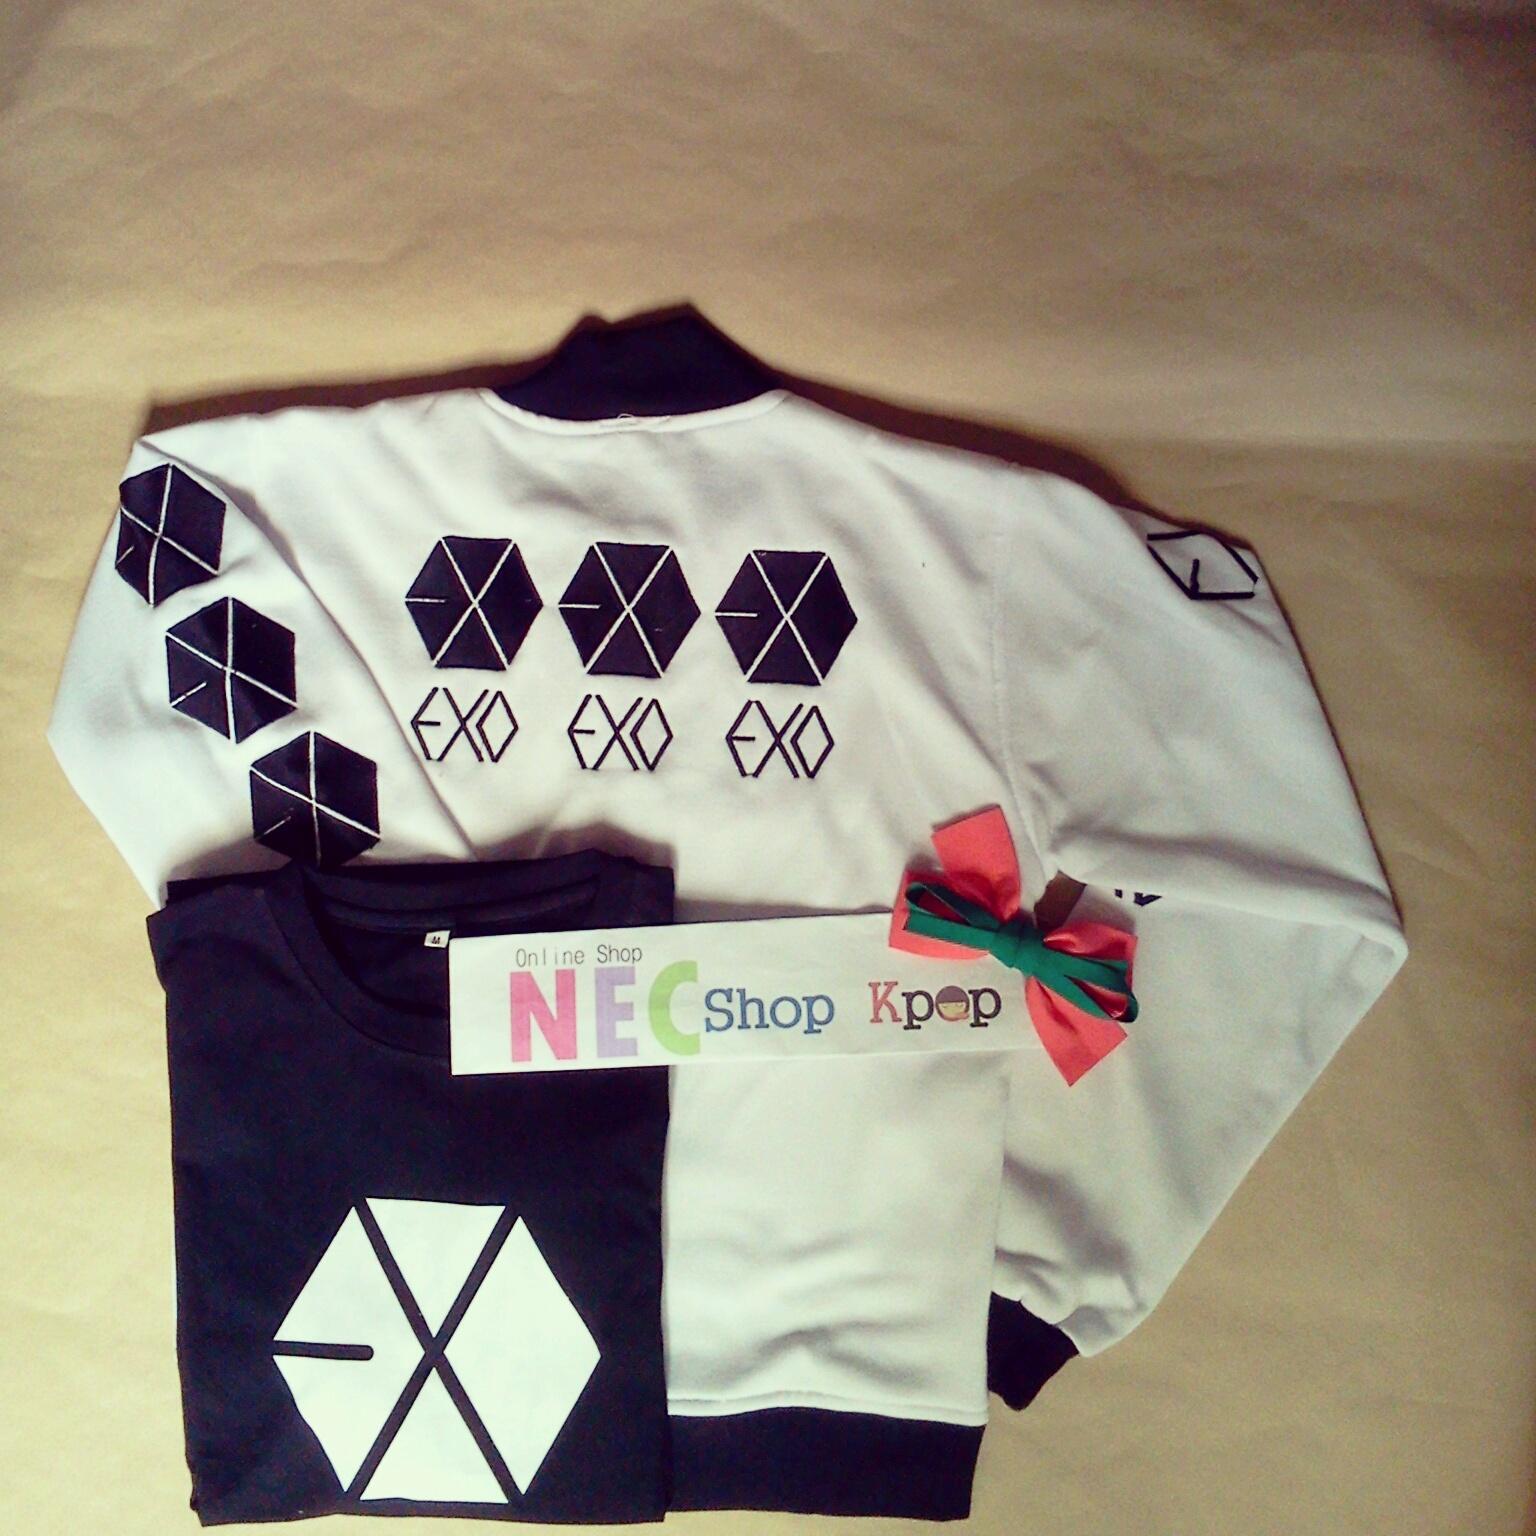 Kpop Korean Fashion - Korean Style 36